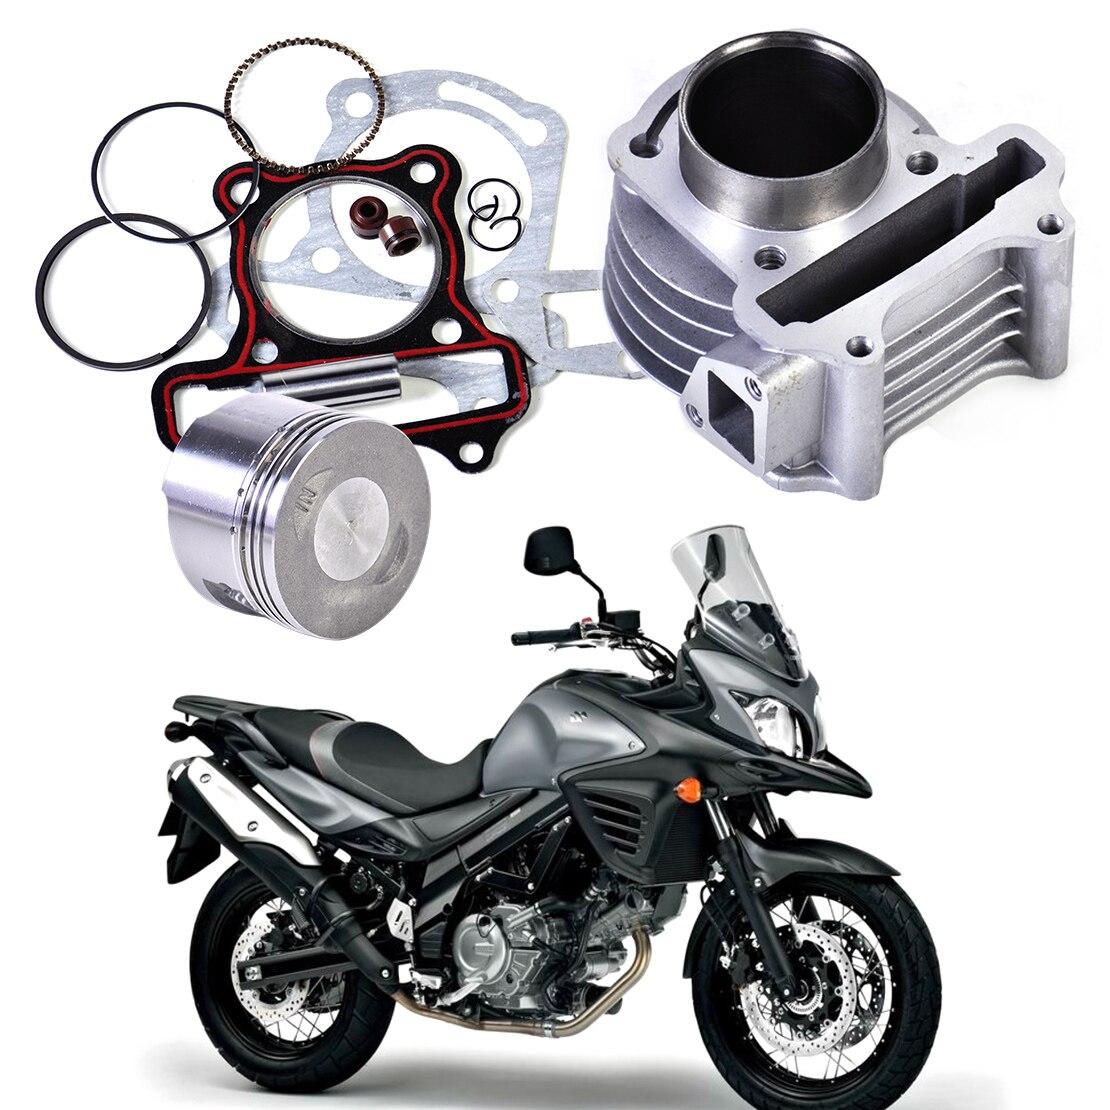 Dwcx nuevo 47mm kit Big bore cilindro pistón anillos para GY6 50cc a 80cc 4 tiempos scooter ciclomotor ATV con 139QMB 139QMA motor